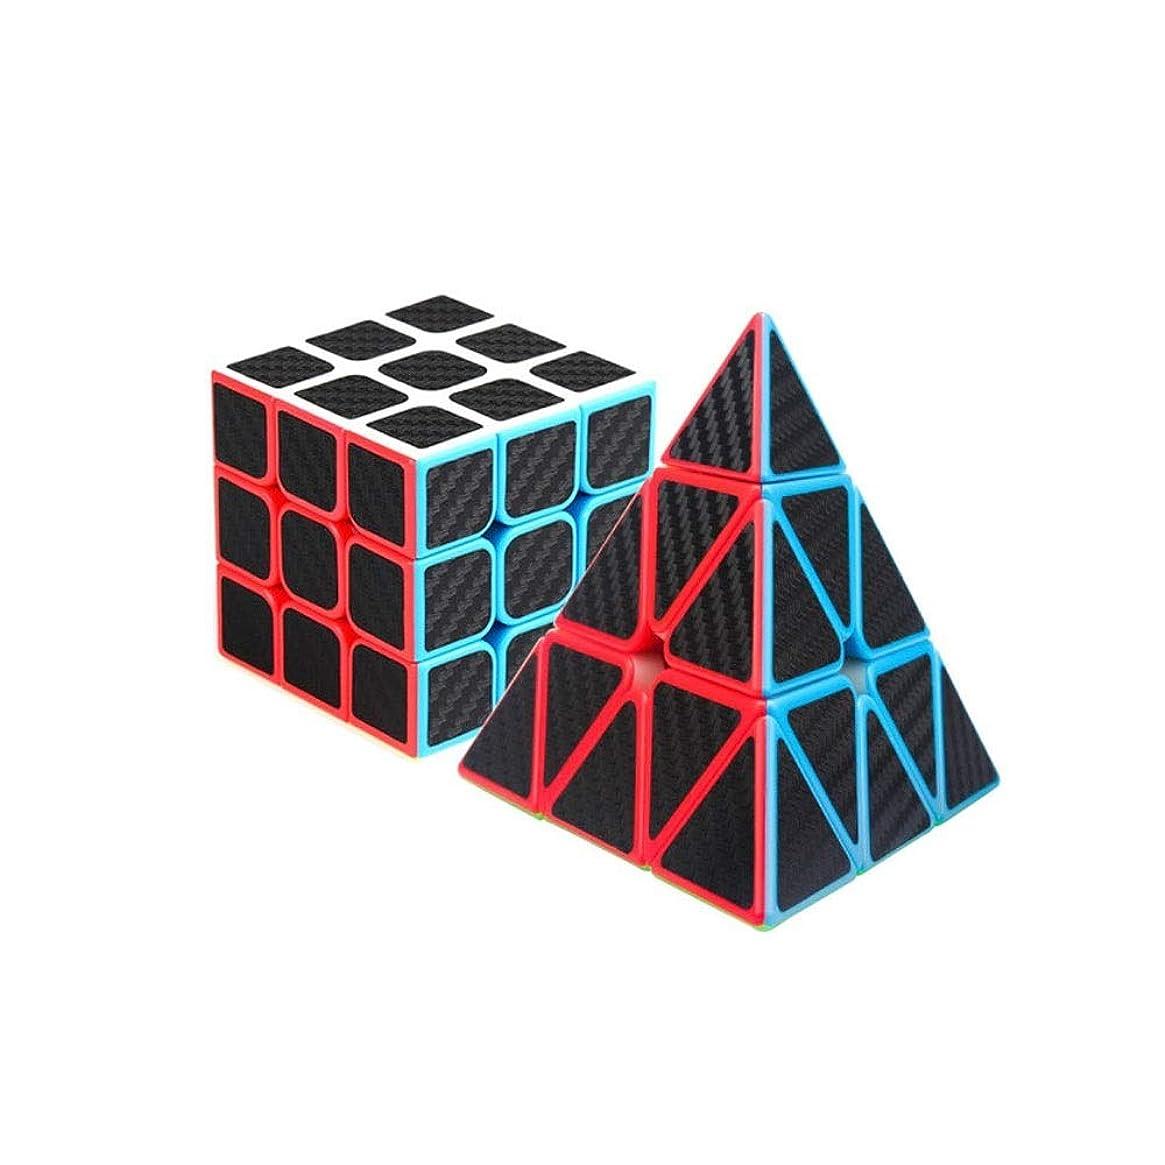 酔うパターンクランシーGaoxingbianlidian ルービックキューブ、ピラミッドスタイル、ルービックキューブの3次パッケージ、スムーズな使用、ギフトとして使用可能(2袋) 良質 (Edition : Pyramid and third order)